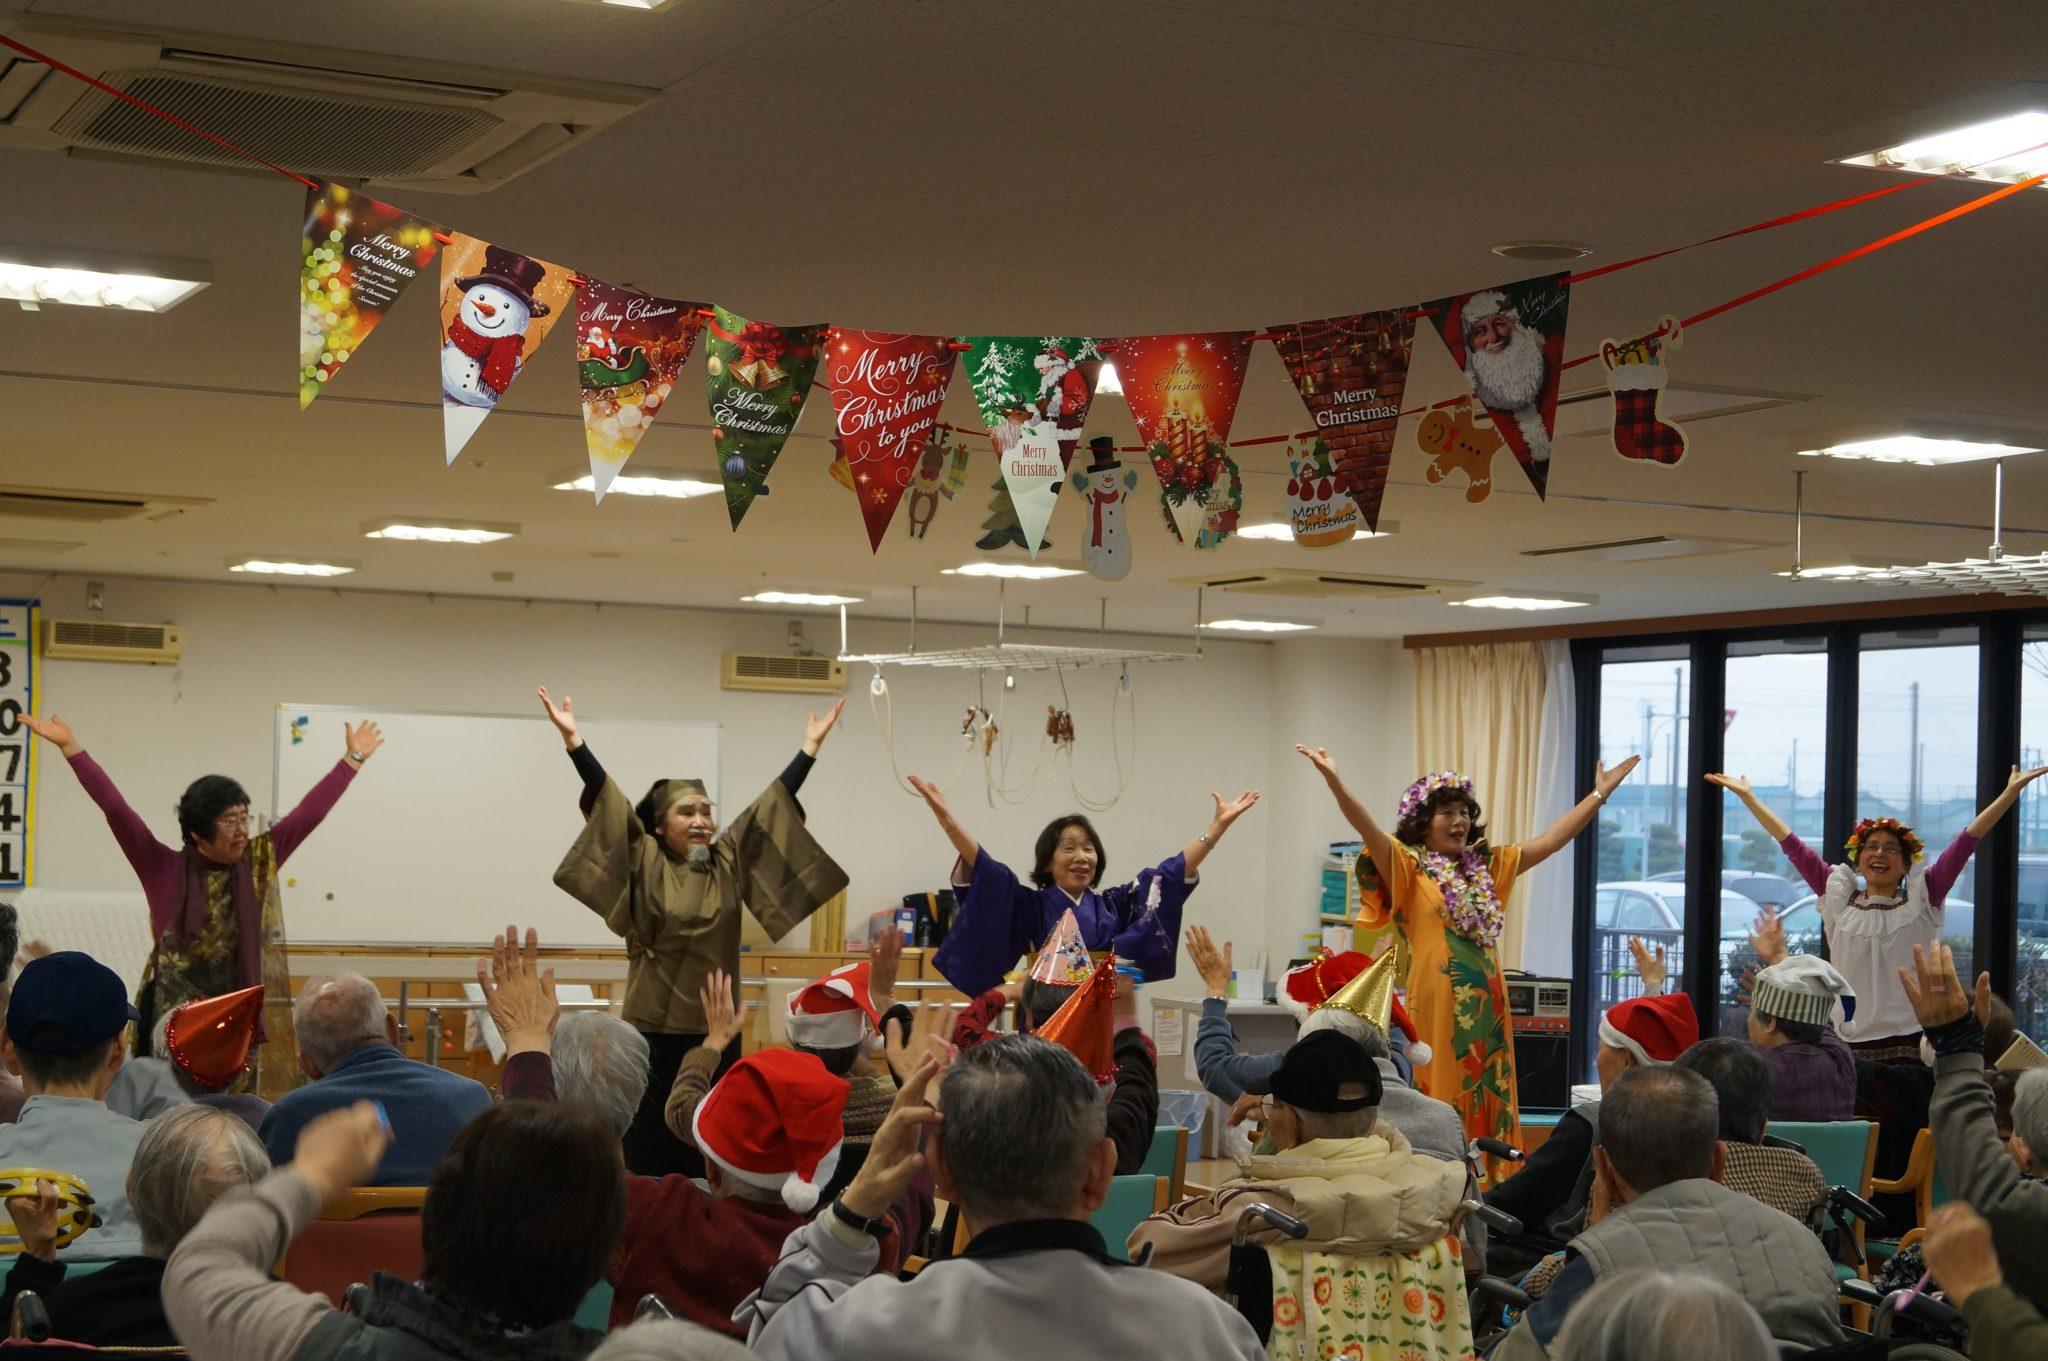 JA 海部東農業協同組合(あまひがし) -笑いあり涙ありのクリスマス会